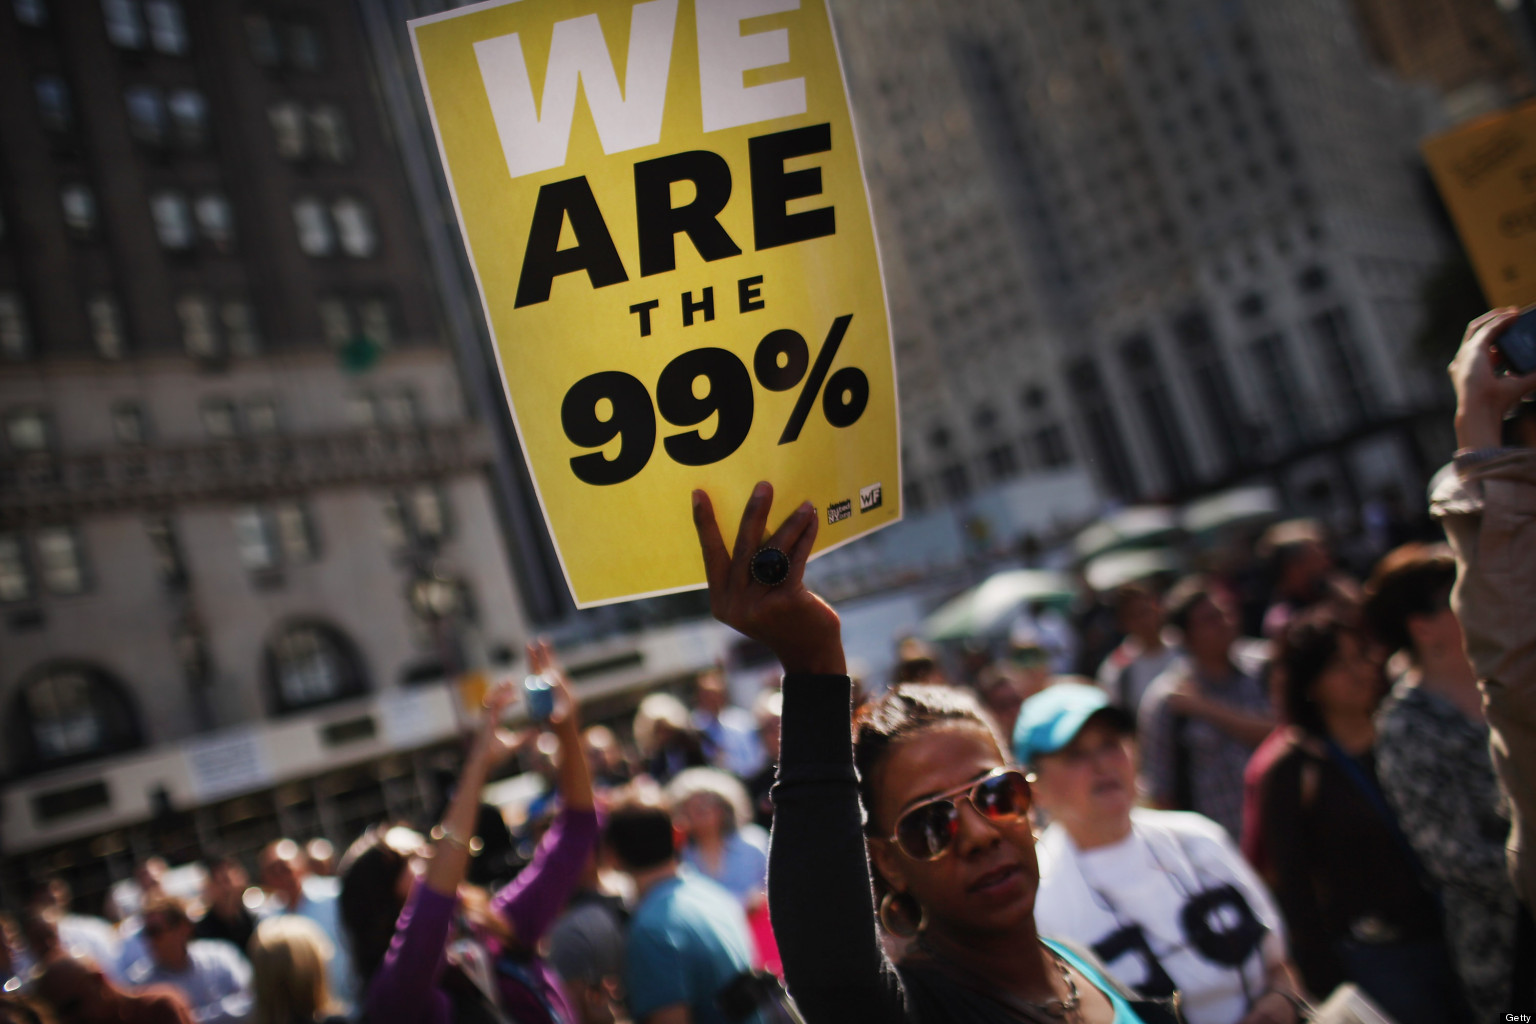 'Tư bản trong thế kỷ 21' – một góc nhìn sắc bén về bất bình đẳng thu nhập